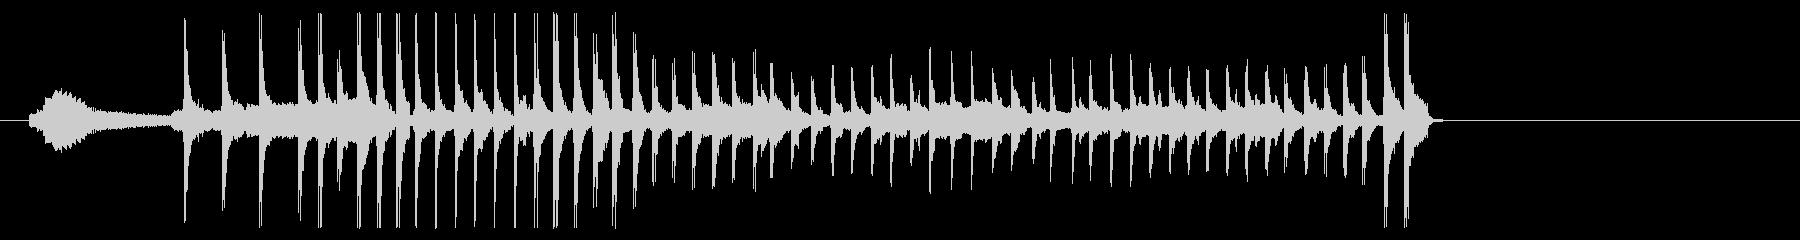 和風ジングル 風流アイキャッチの未再生の波形